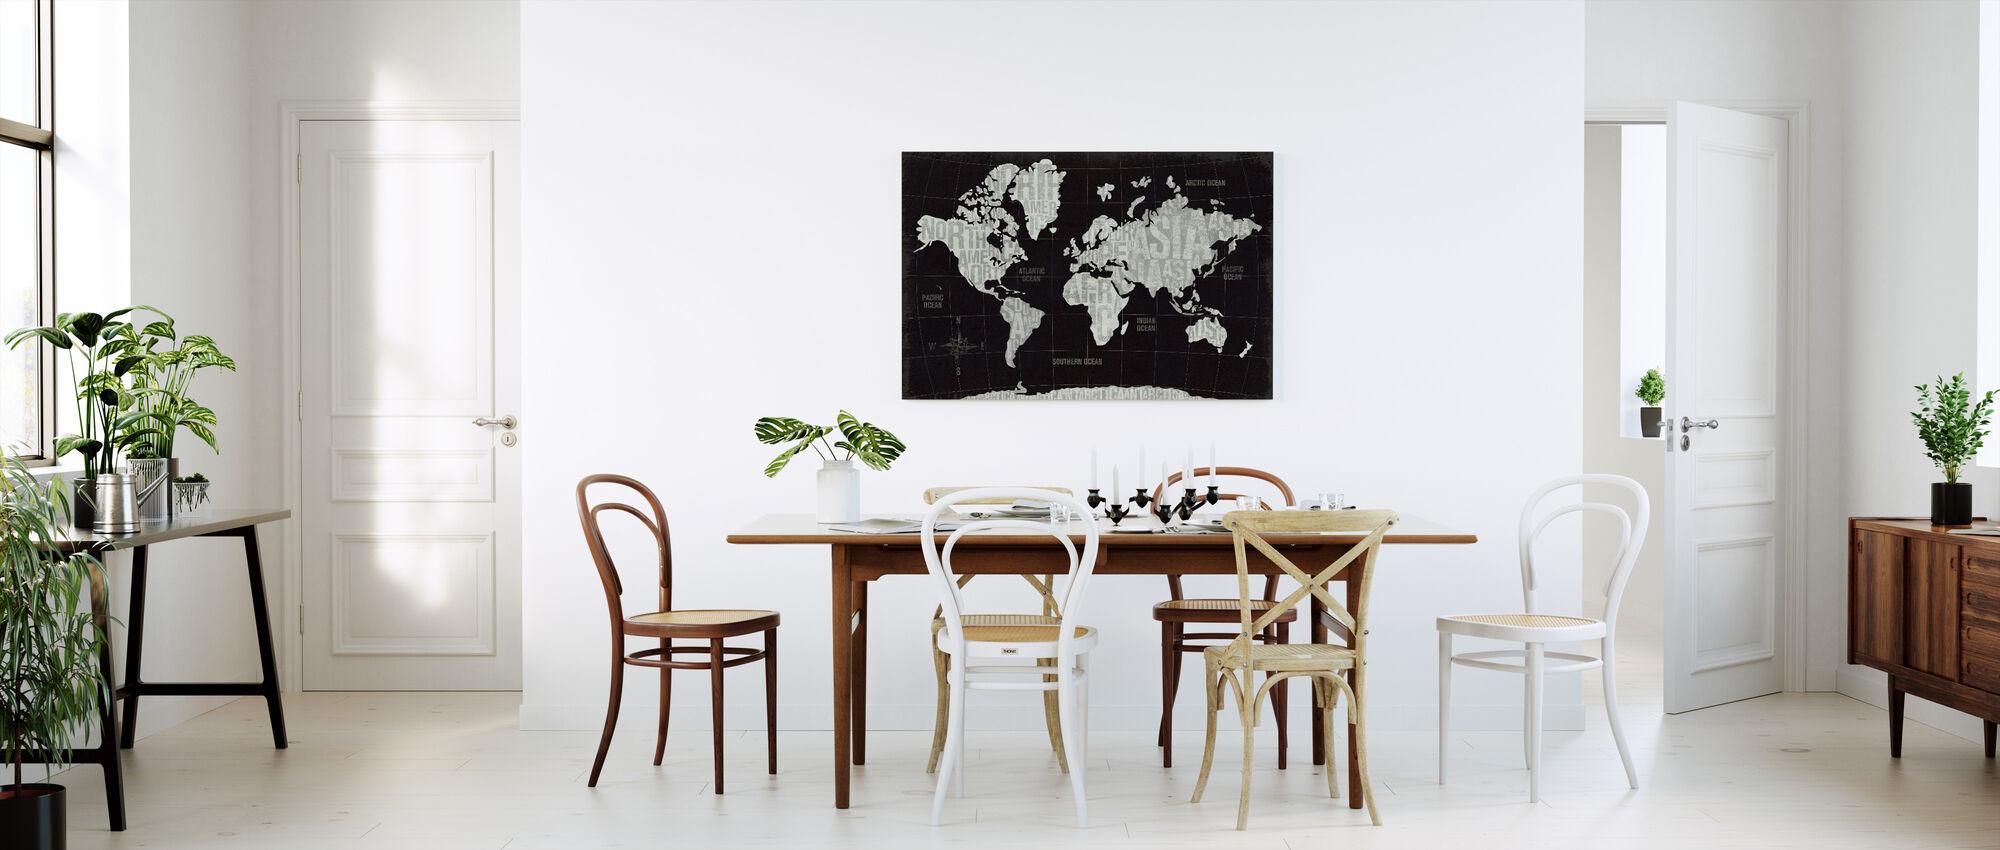 Moderne Verden Sort - Billede på lærred - Køkken